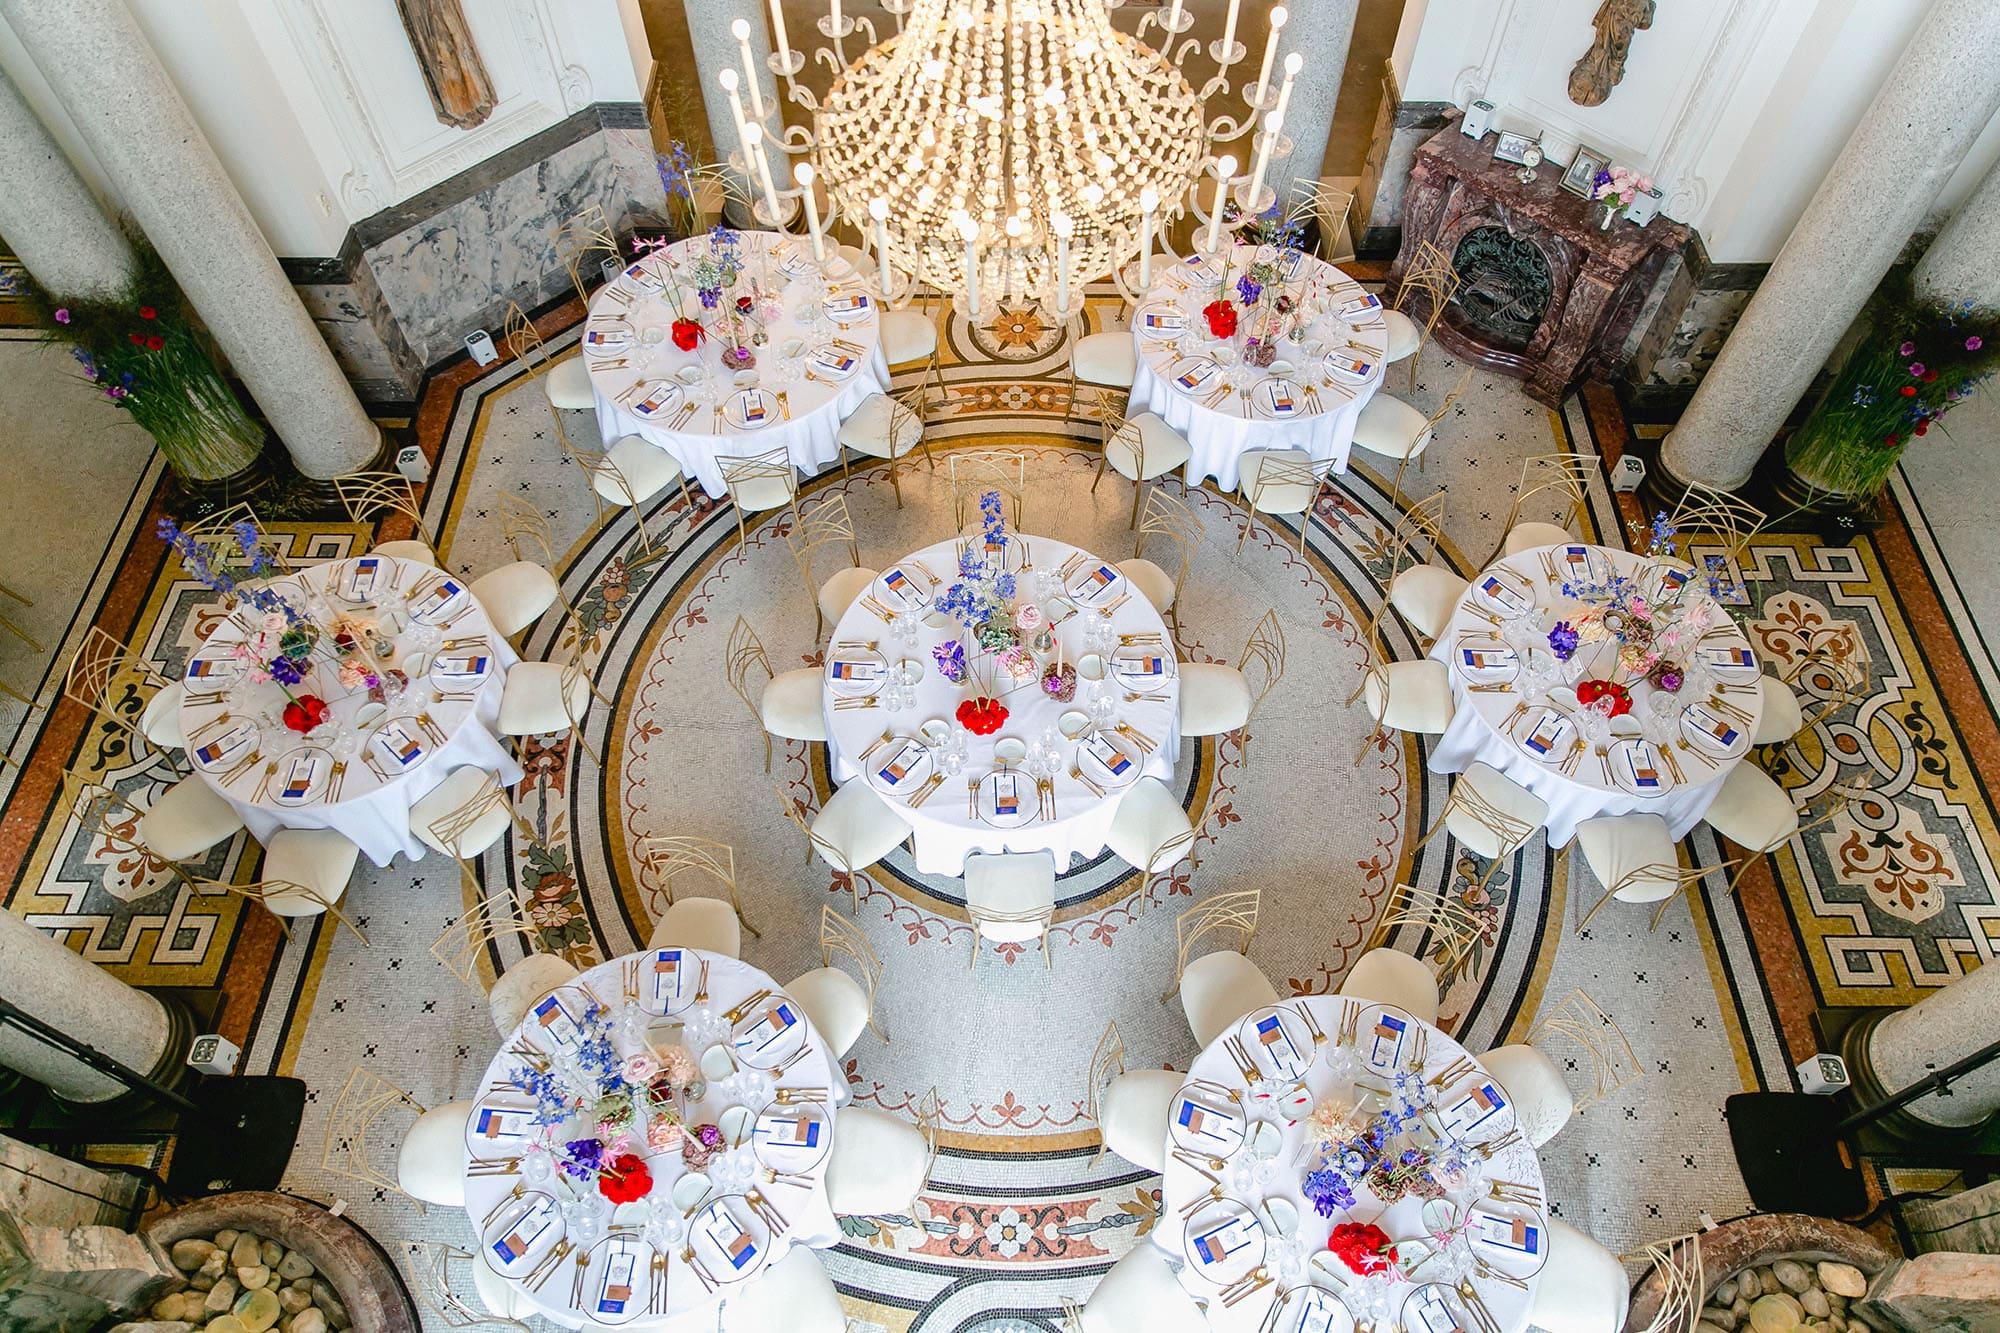 Runde Tische in einem Saal mit weißer Tischdecke und gliehenen Stühlen